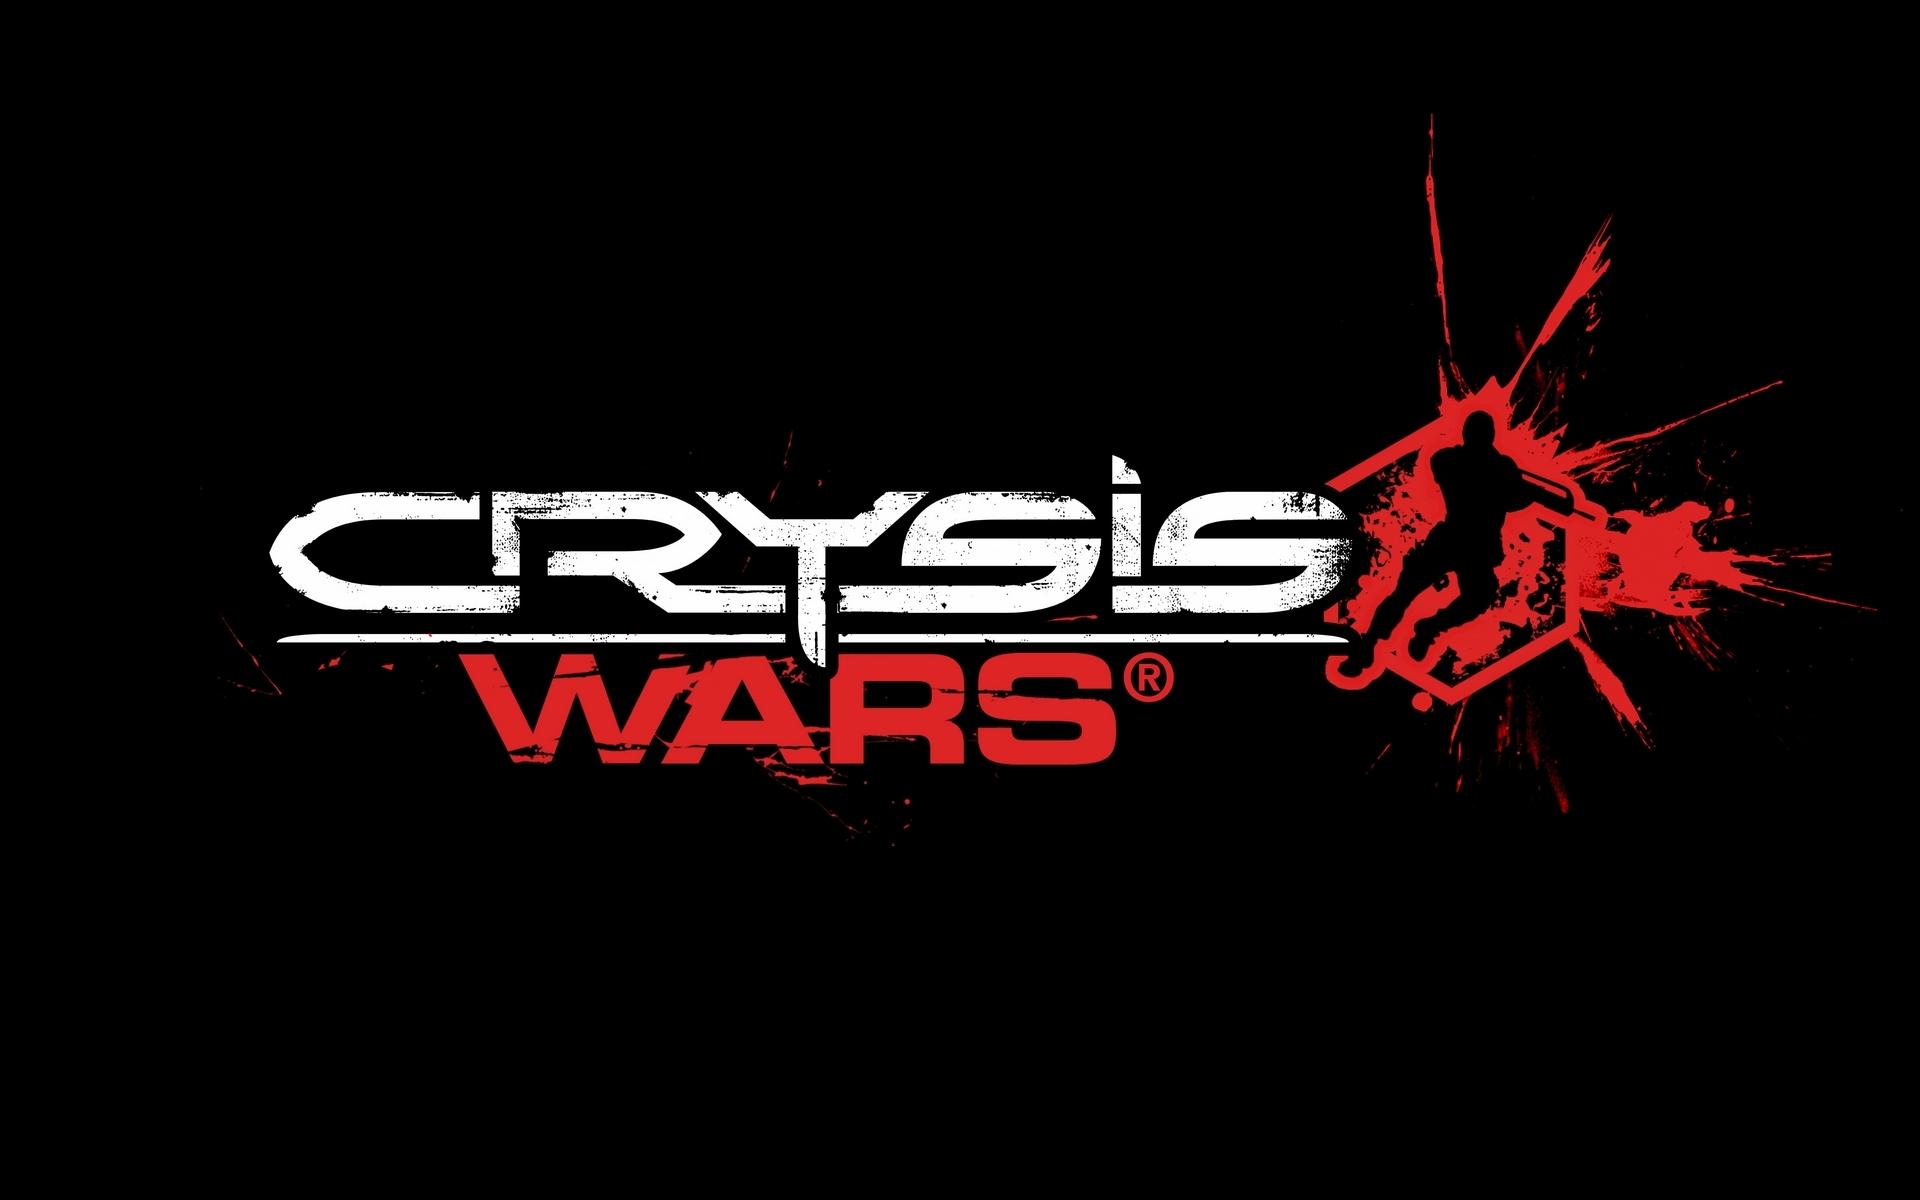 crysis wars desktop wallpaper